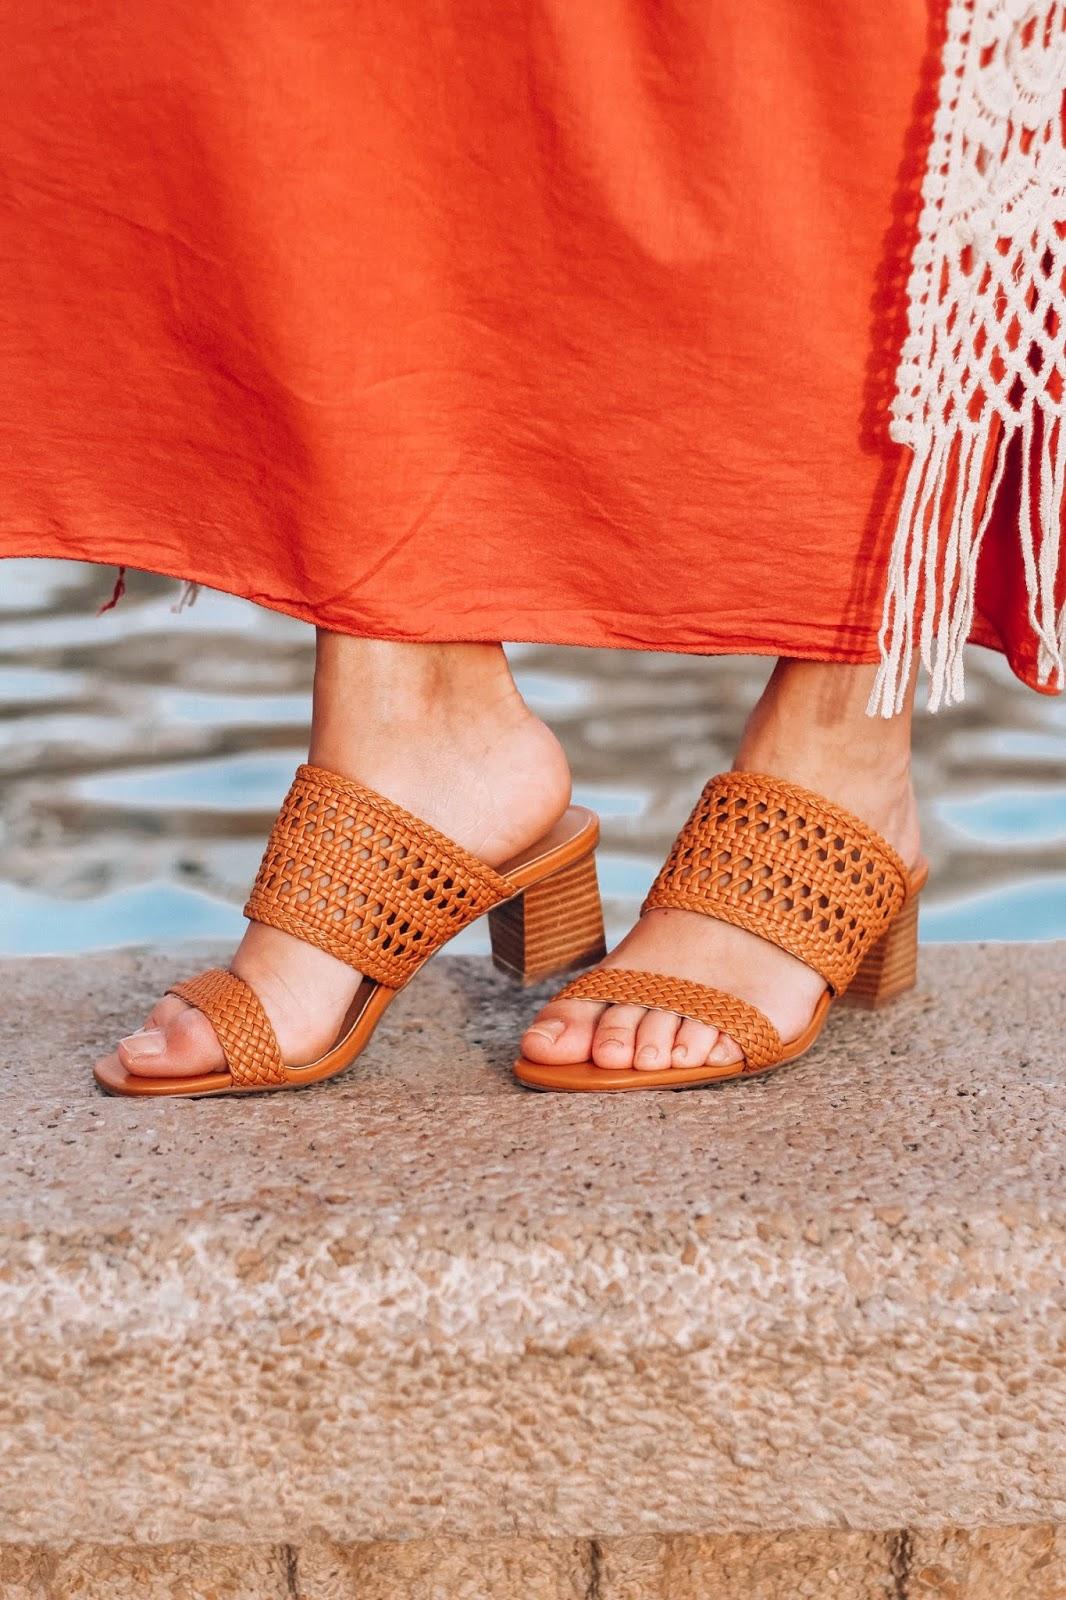 sandalias estilo natural